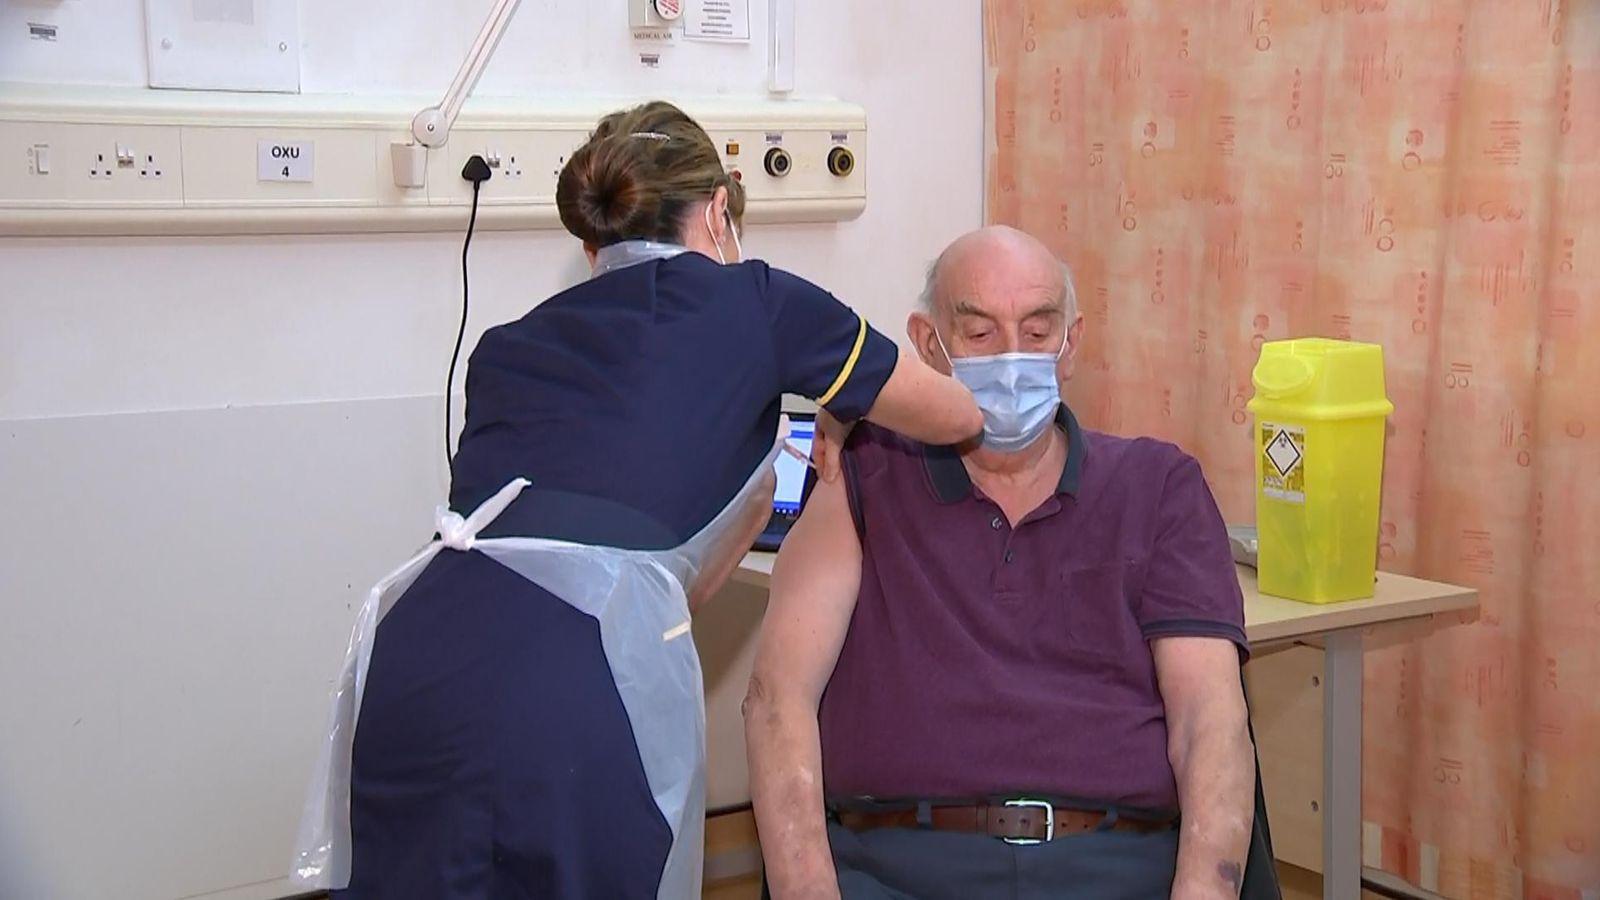 Κορωνοϊός Εμβόλιο Οξφόρδη: Εμβολιάστηκε ο πρώτος 82χρονος με AstraZeneca